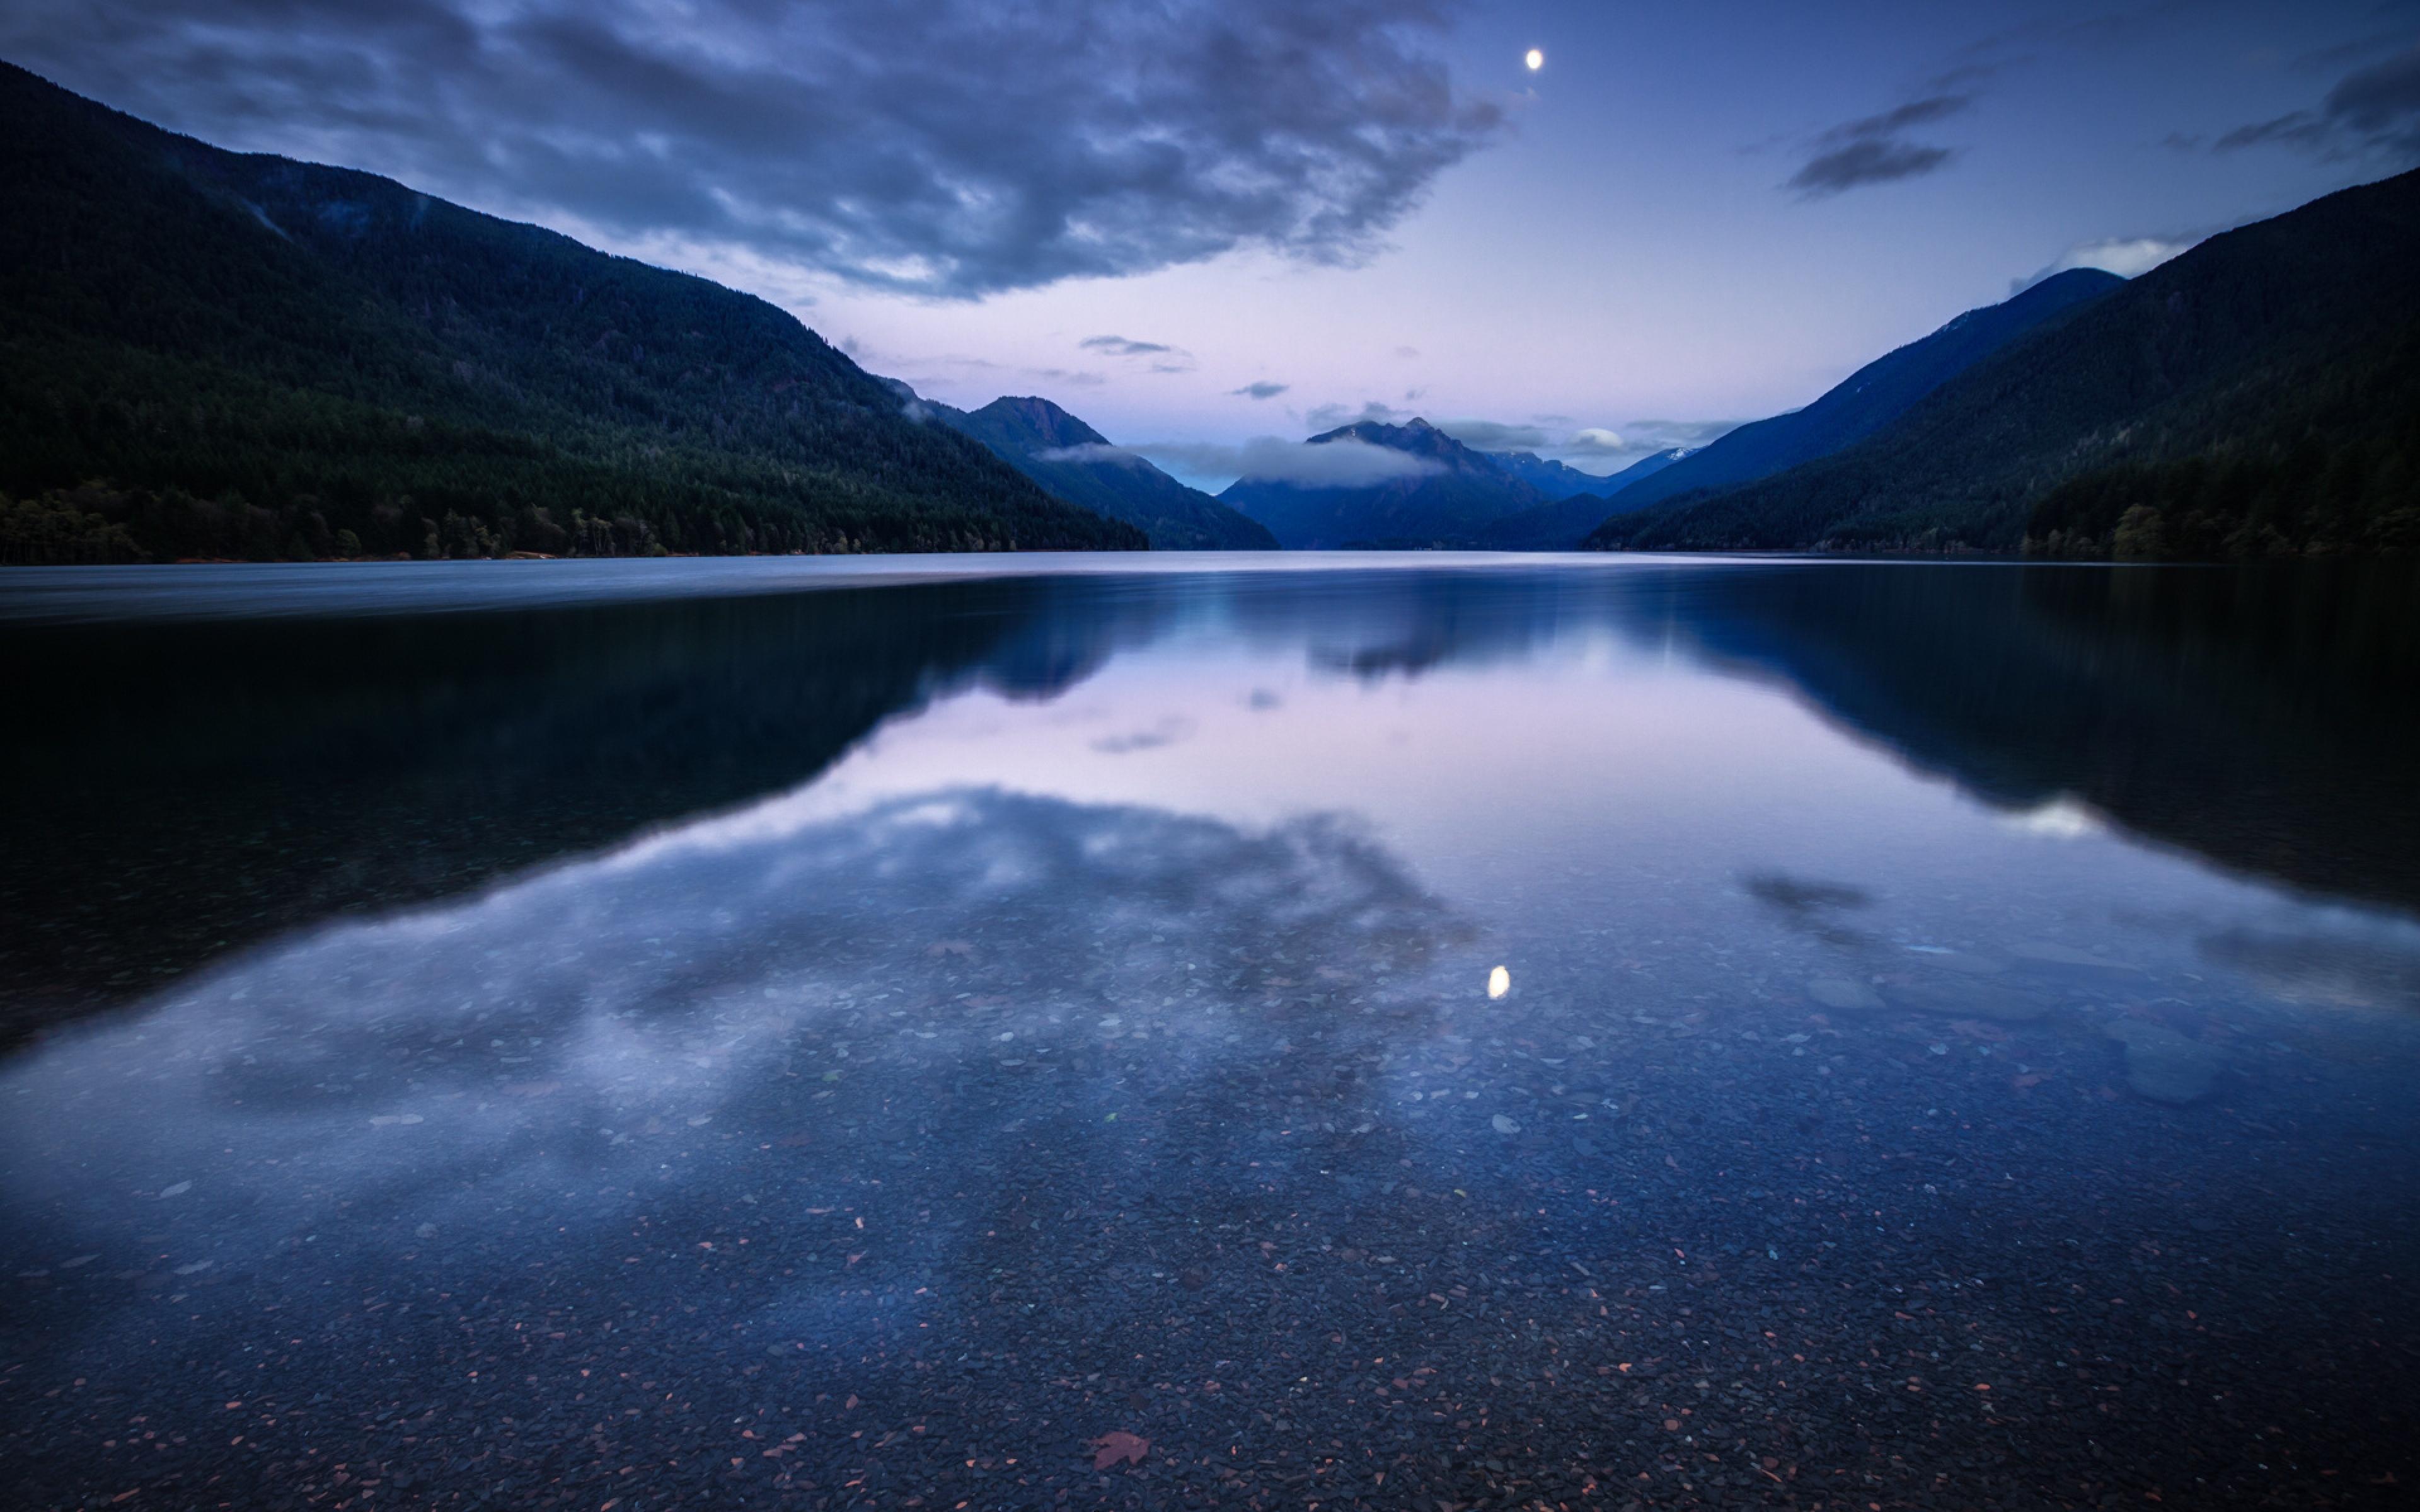 night lake mountains water reflection Ultra HD 4K HD Background 3840x2400